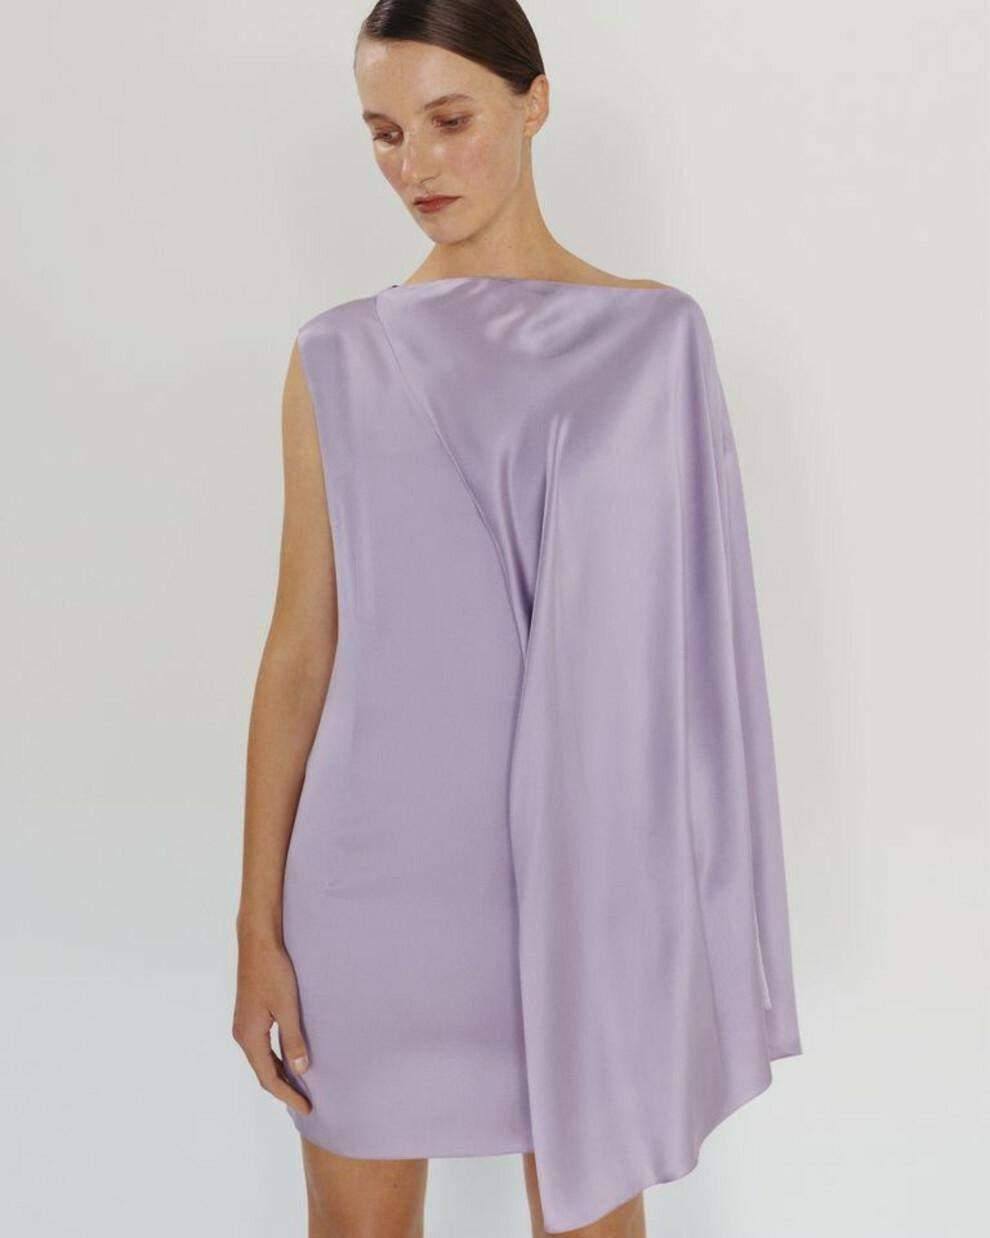 Стильні сукні від українських дизайнерів